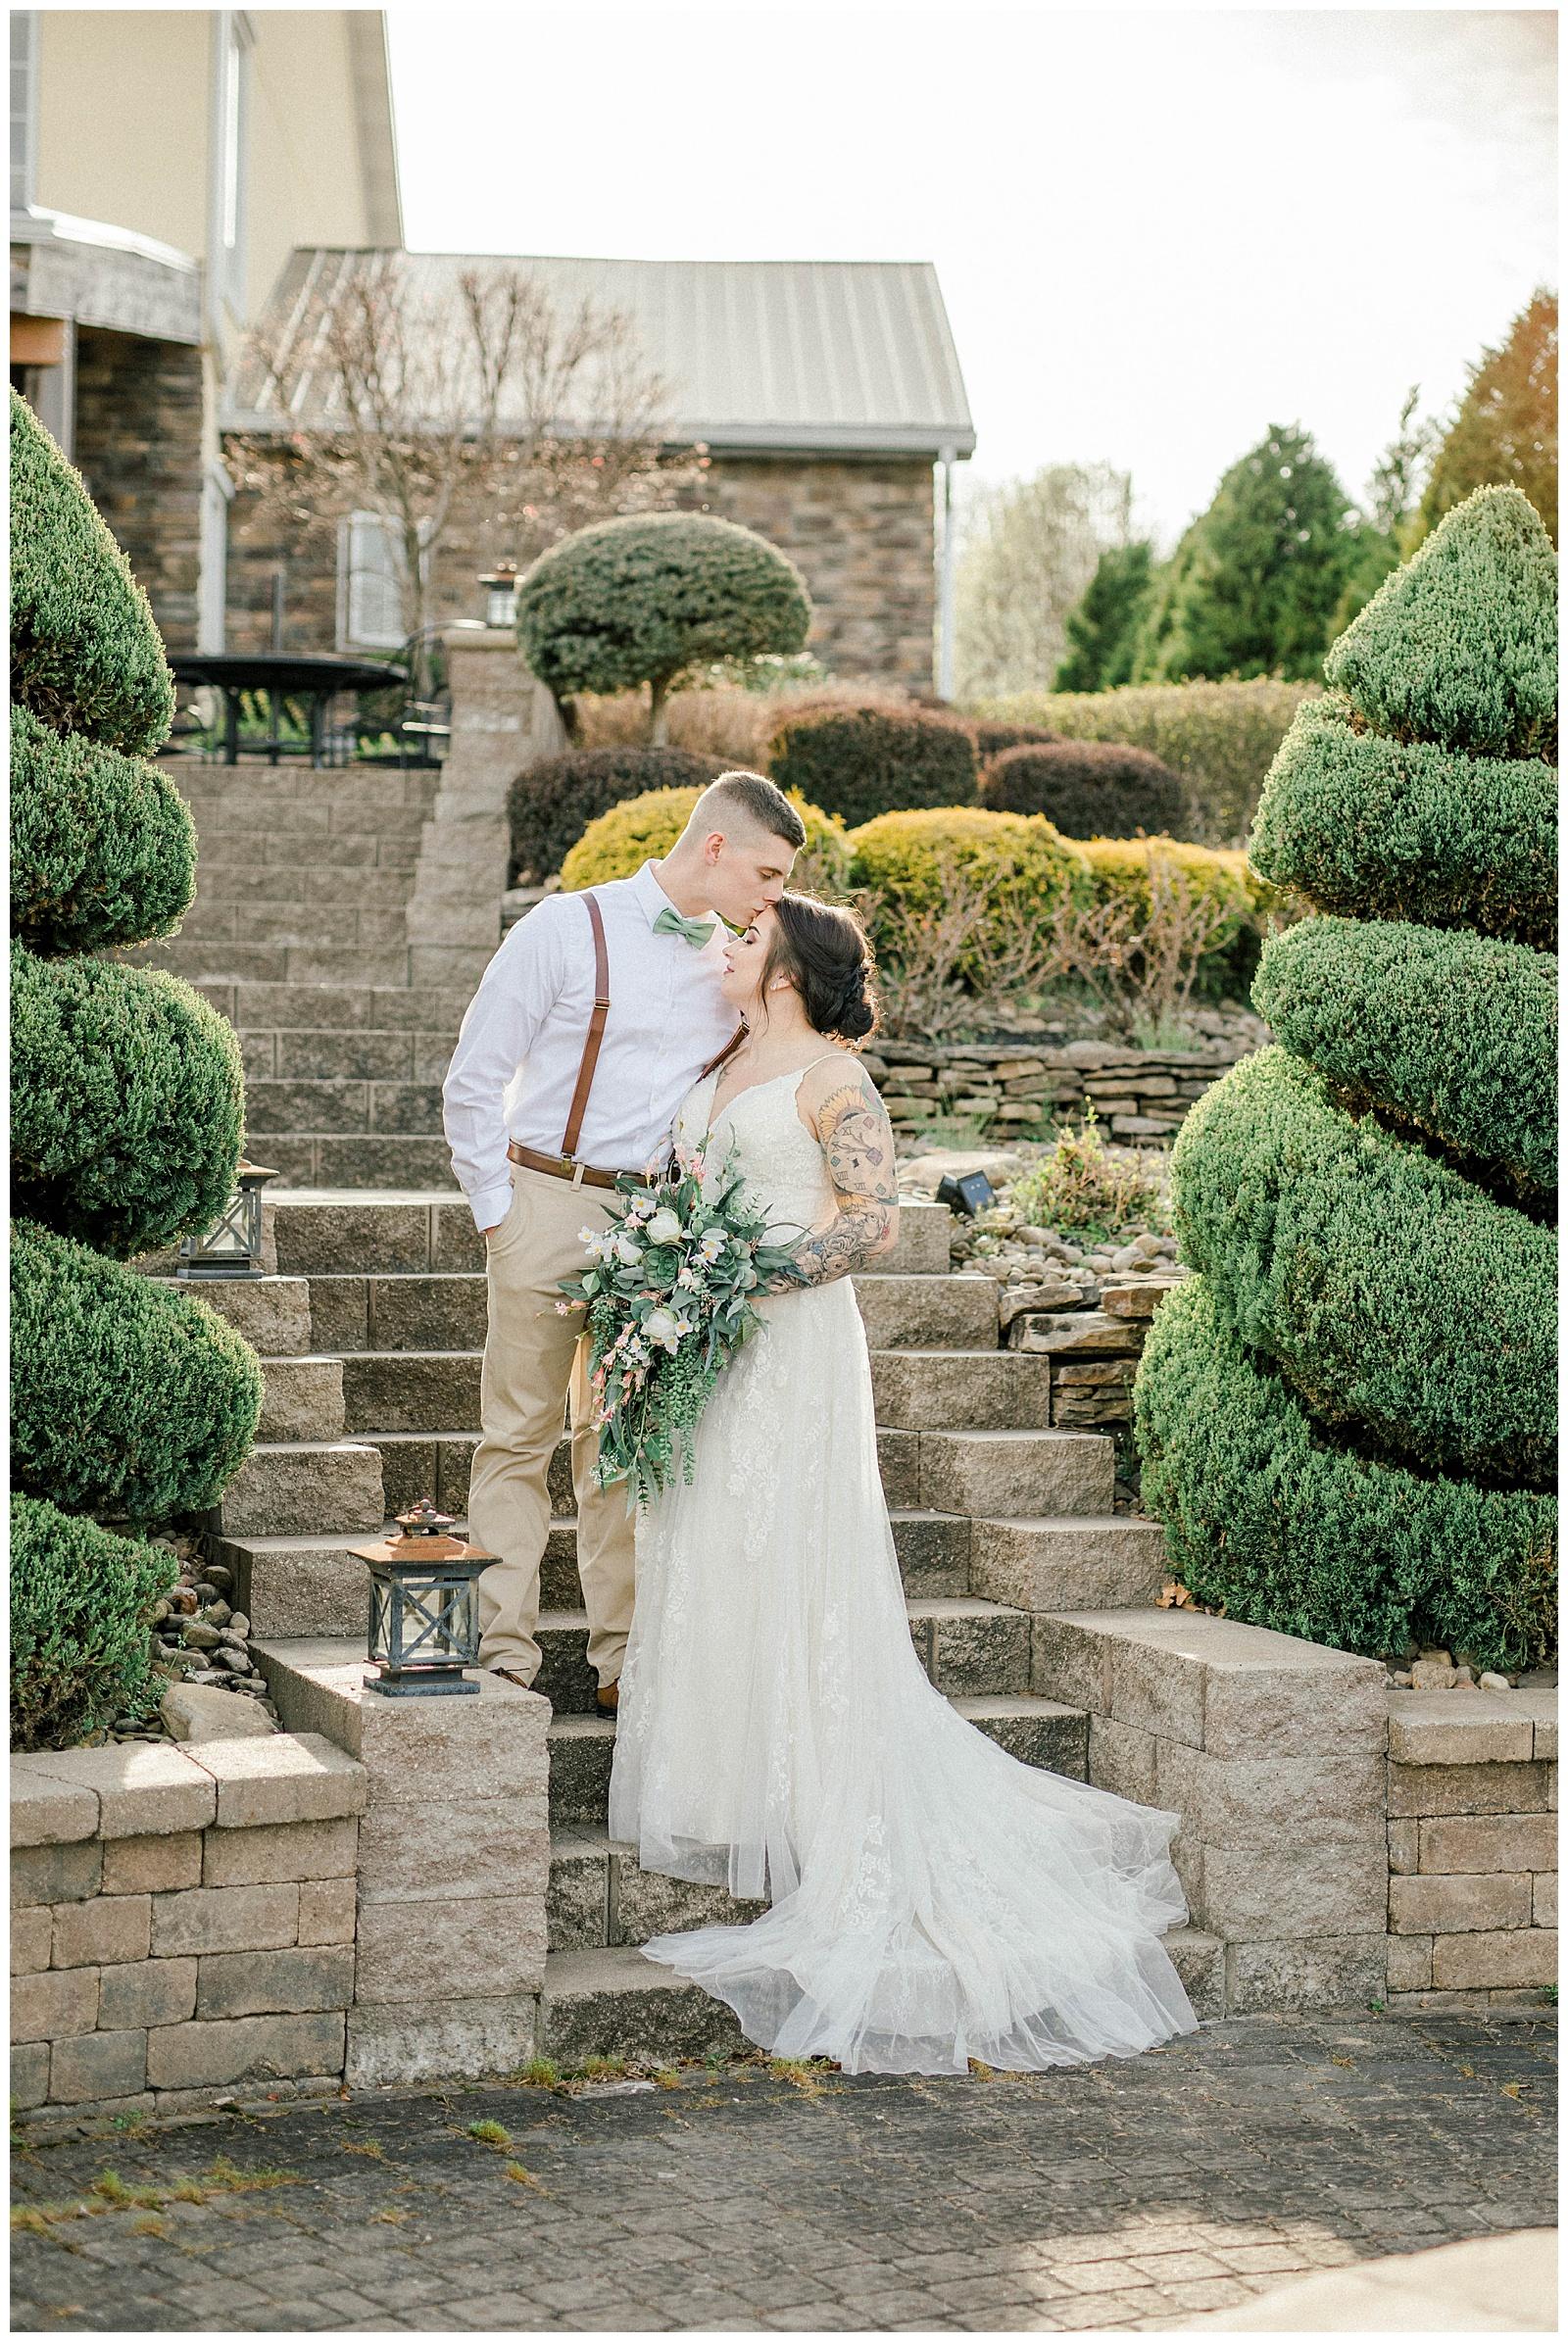 Lewis-Kara-Blakeman-Photography-Huntington-West-Virginia-Wedding-Barn-Olde-Homestead-37